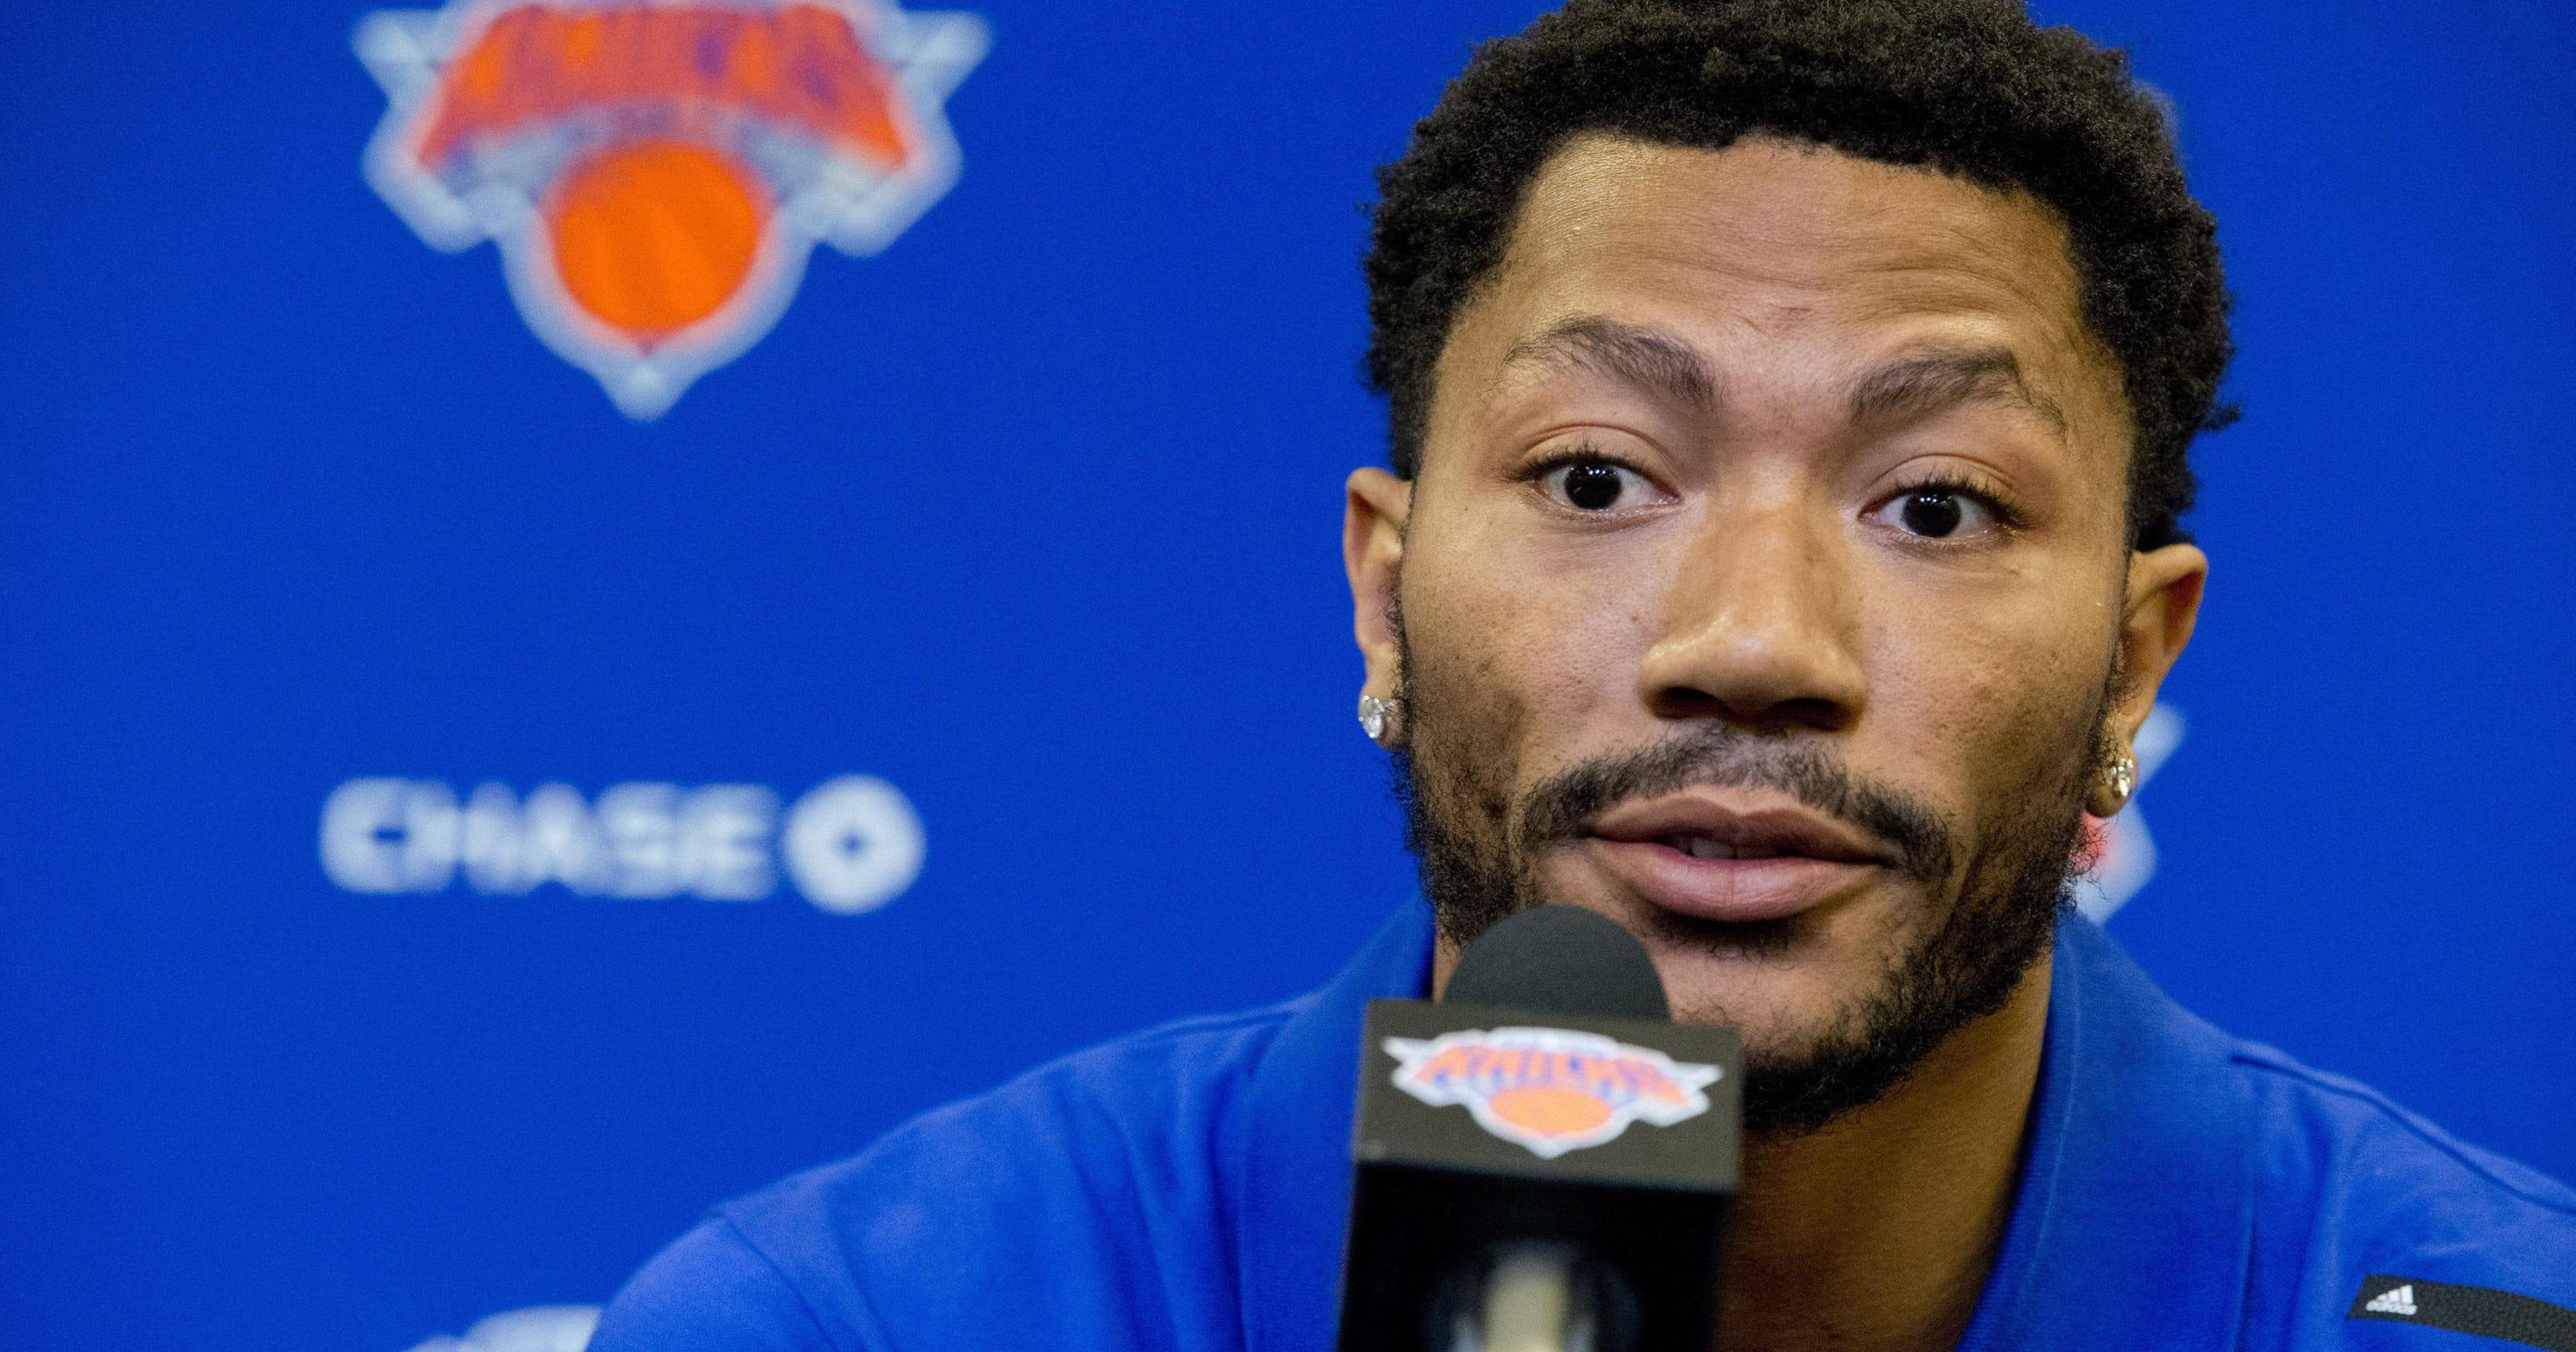 9725e13e3629 NBA s Derrick Rose cleared in rape suit